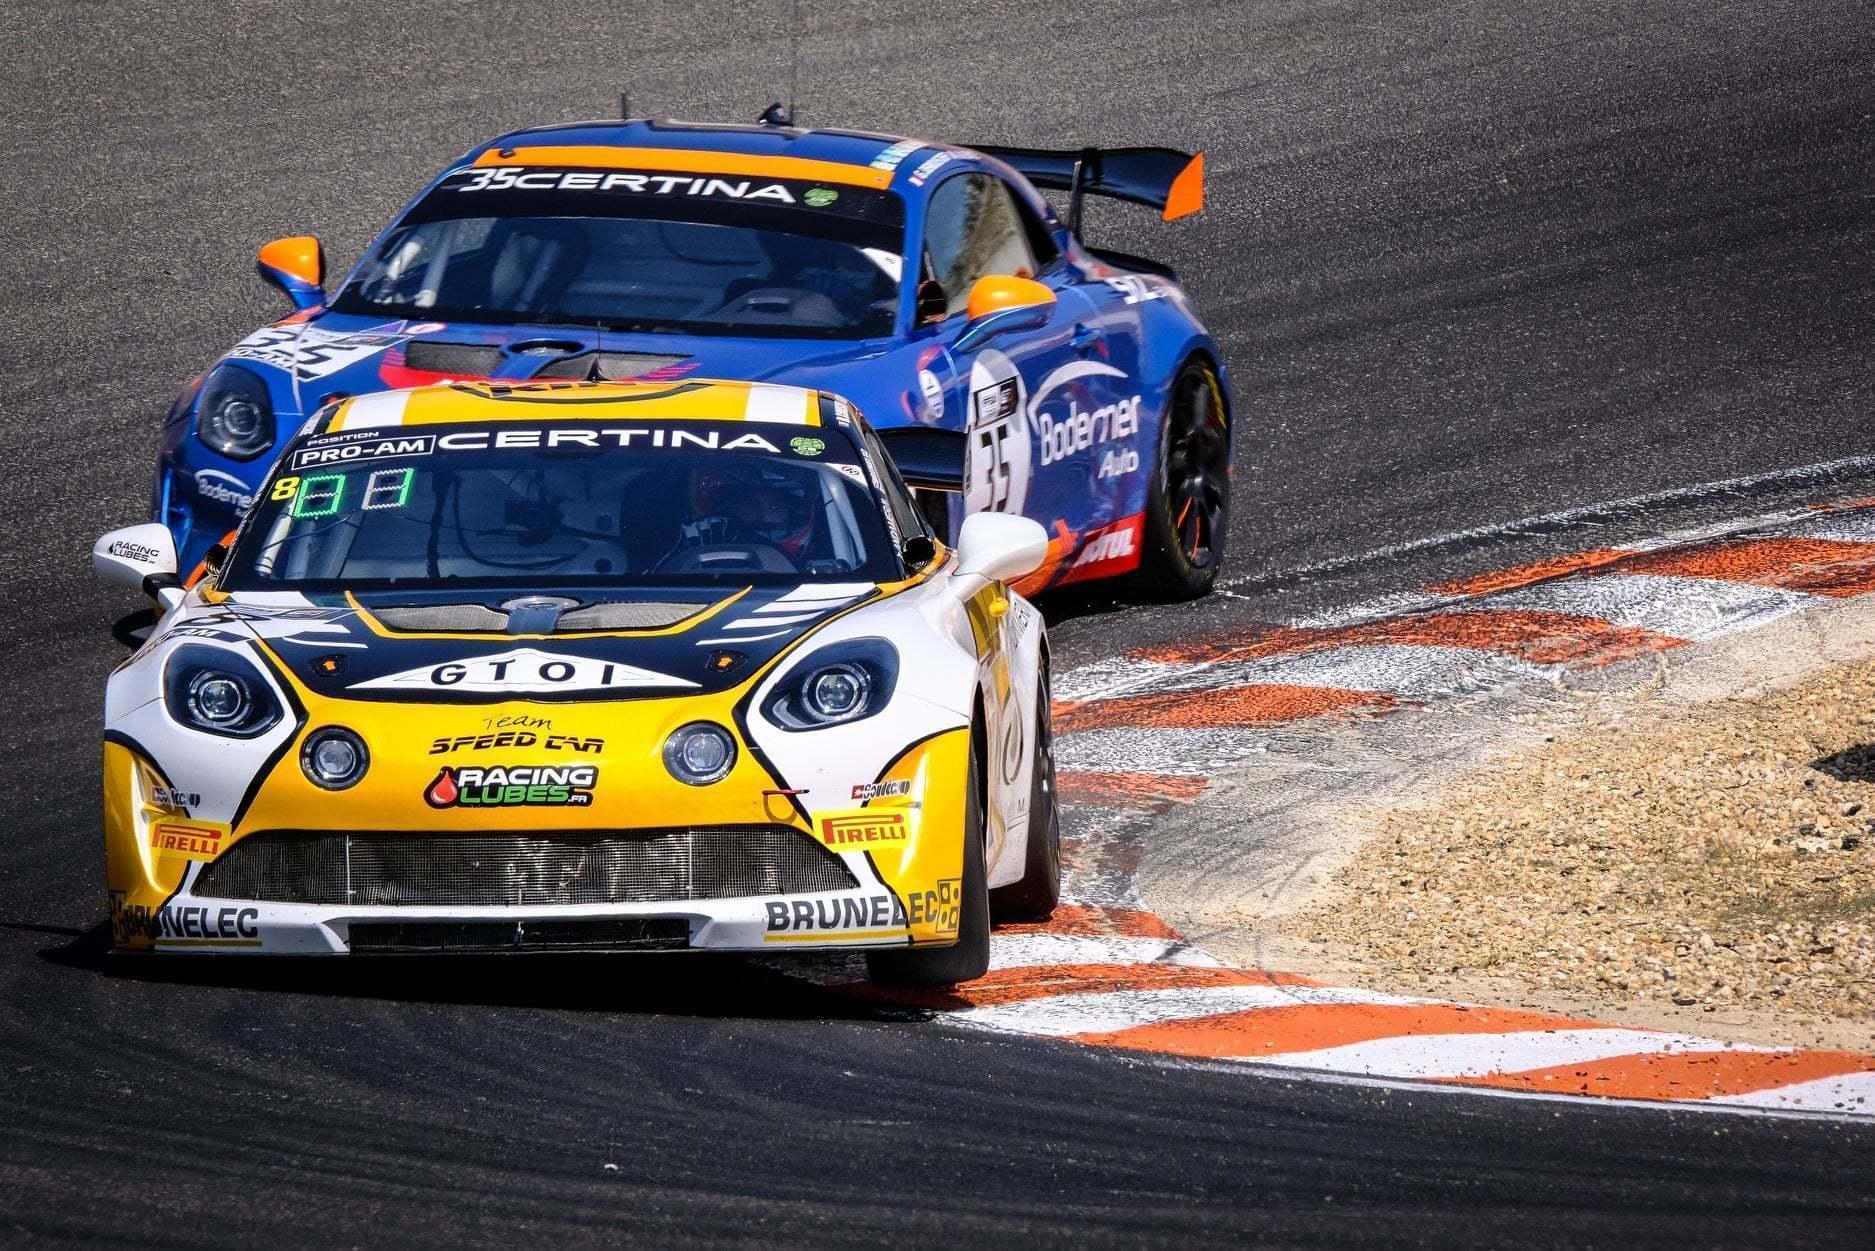 FFSA GT4 Circuit Lédenon Course 1 2019 Bodemer CMR Alpine A110 8 | FFSA GT: Rédélé Compétition s'impose à Lédenon ! (Course 1)